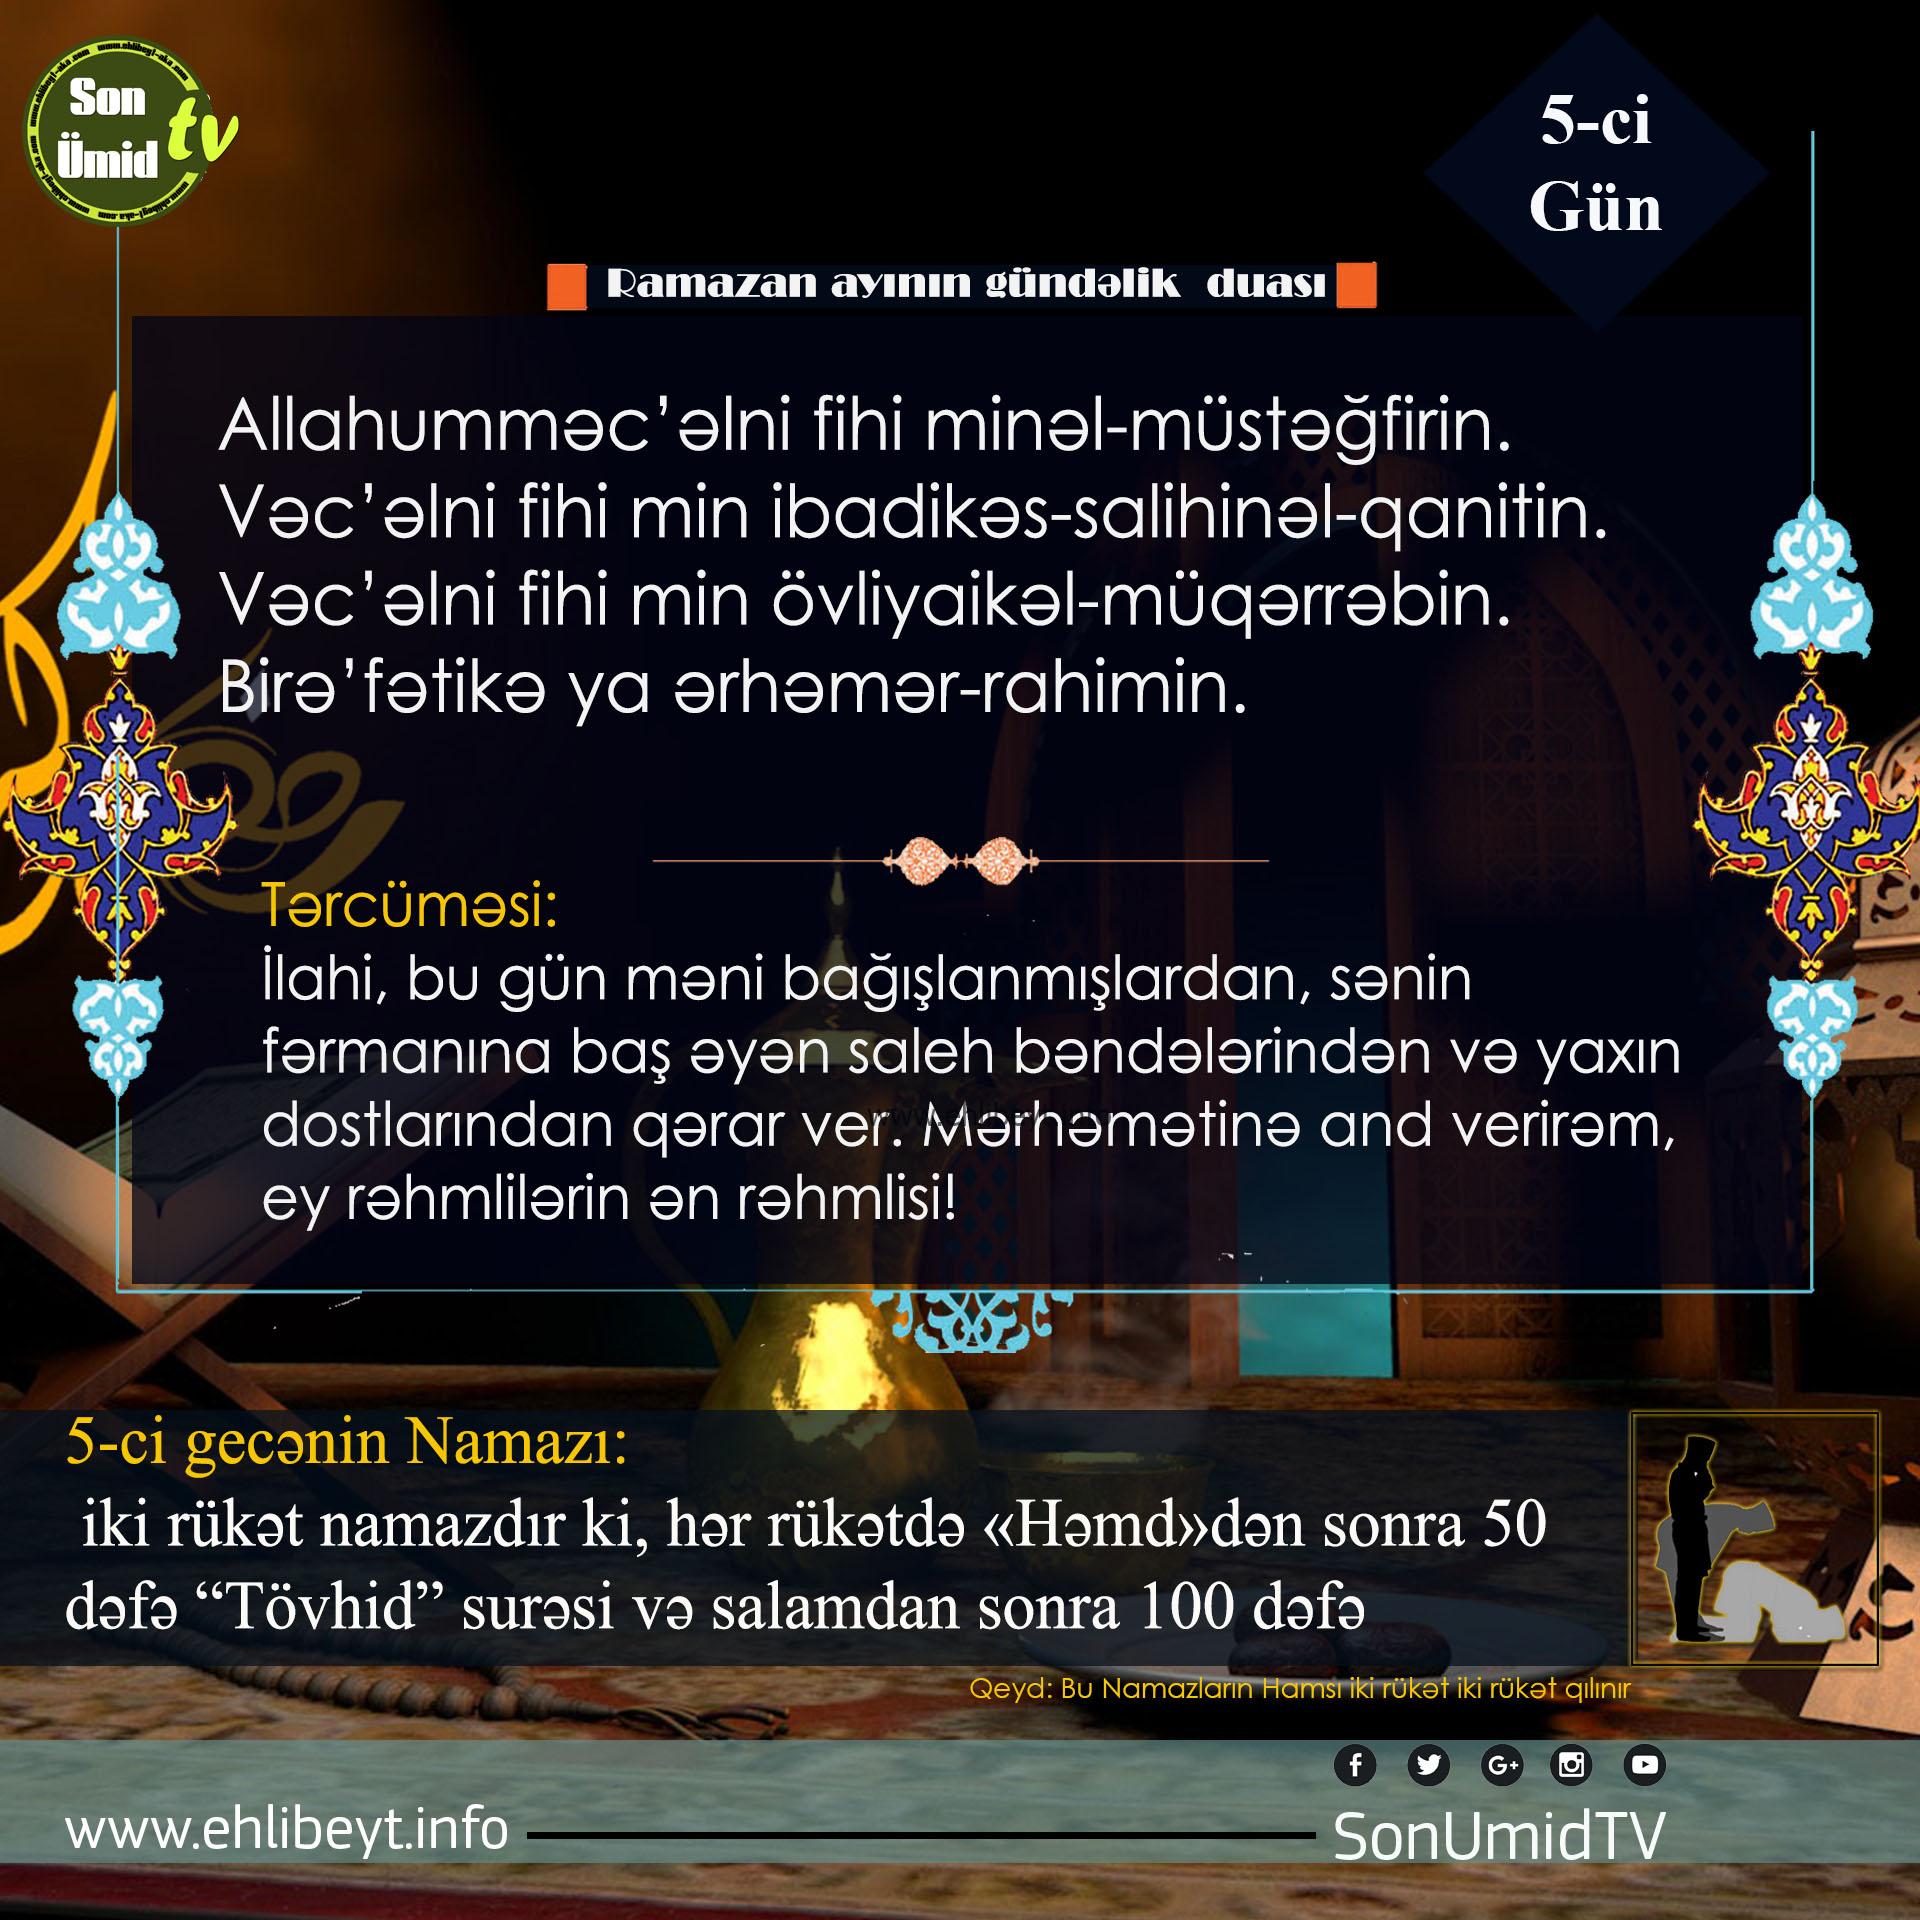 Ramazan  5-ci gününün duası və Namazı